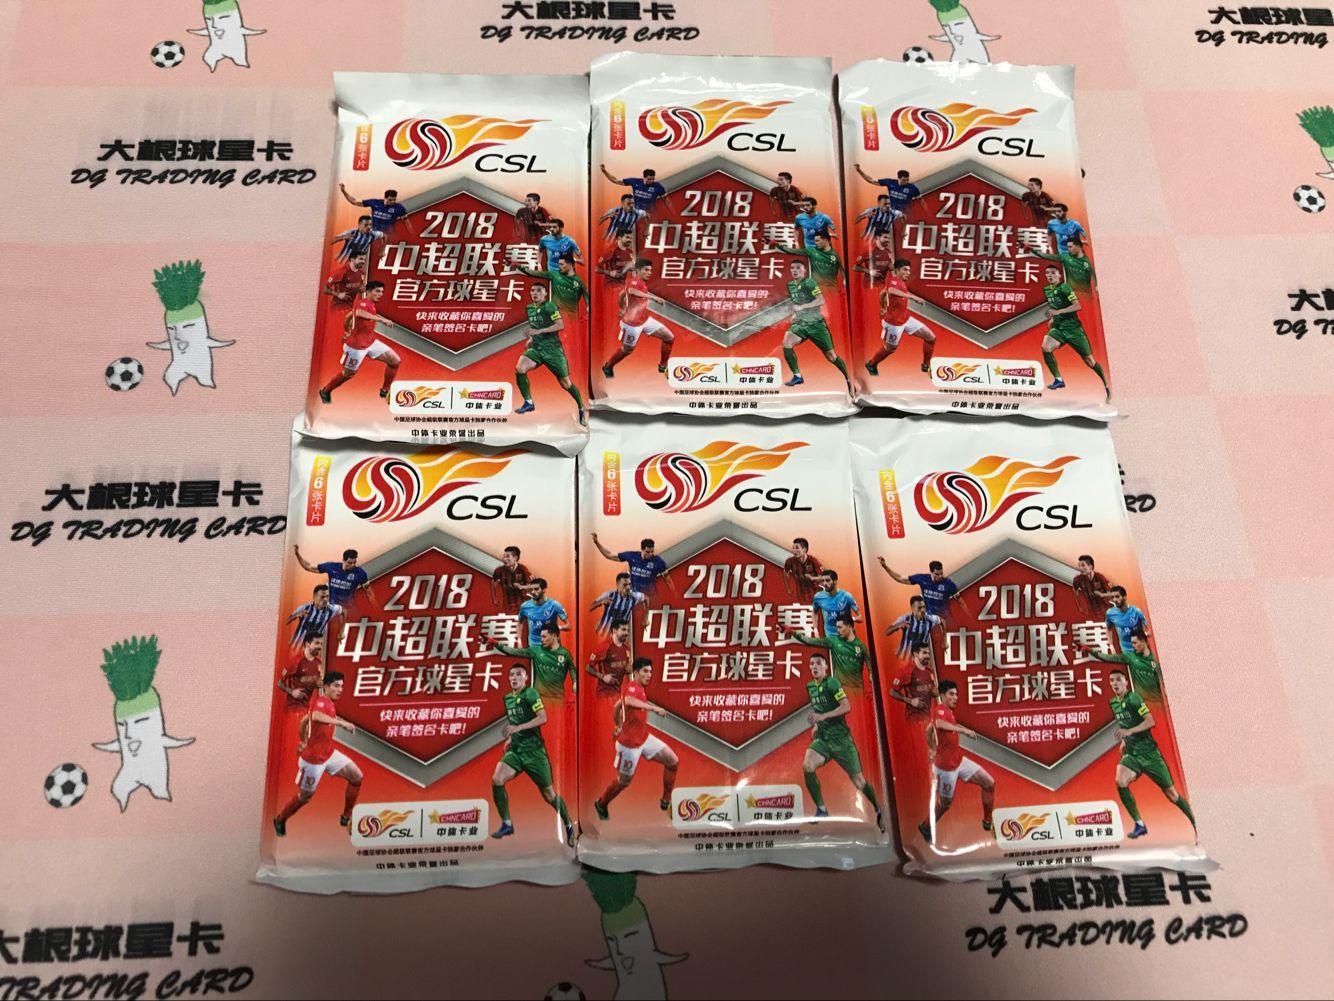 【大根球星卡】2018 中体 中超 散包 6包打包!可博里程碑 未来之星 带编卡!(6)【7-591】